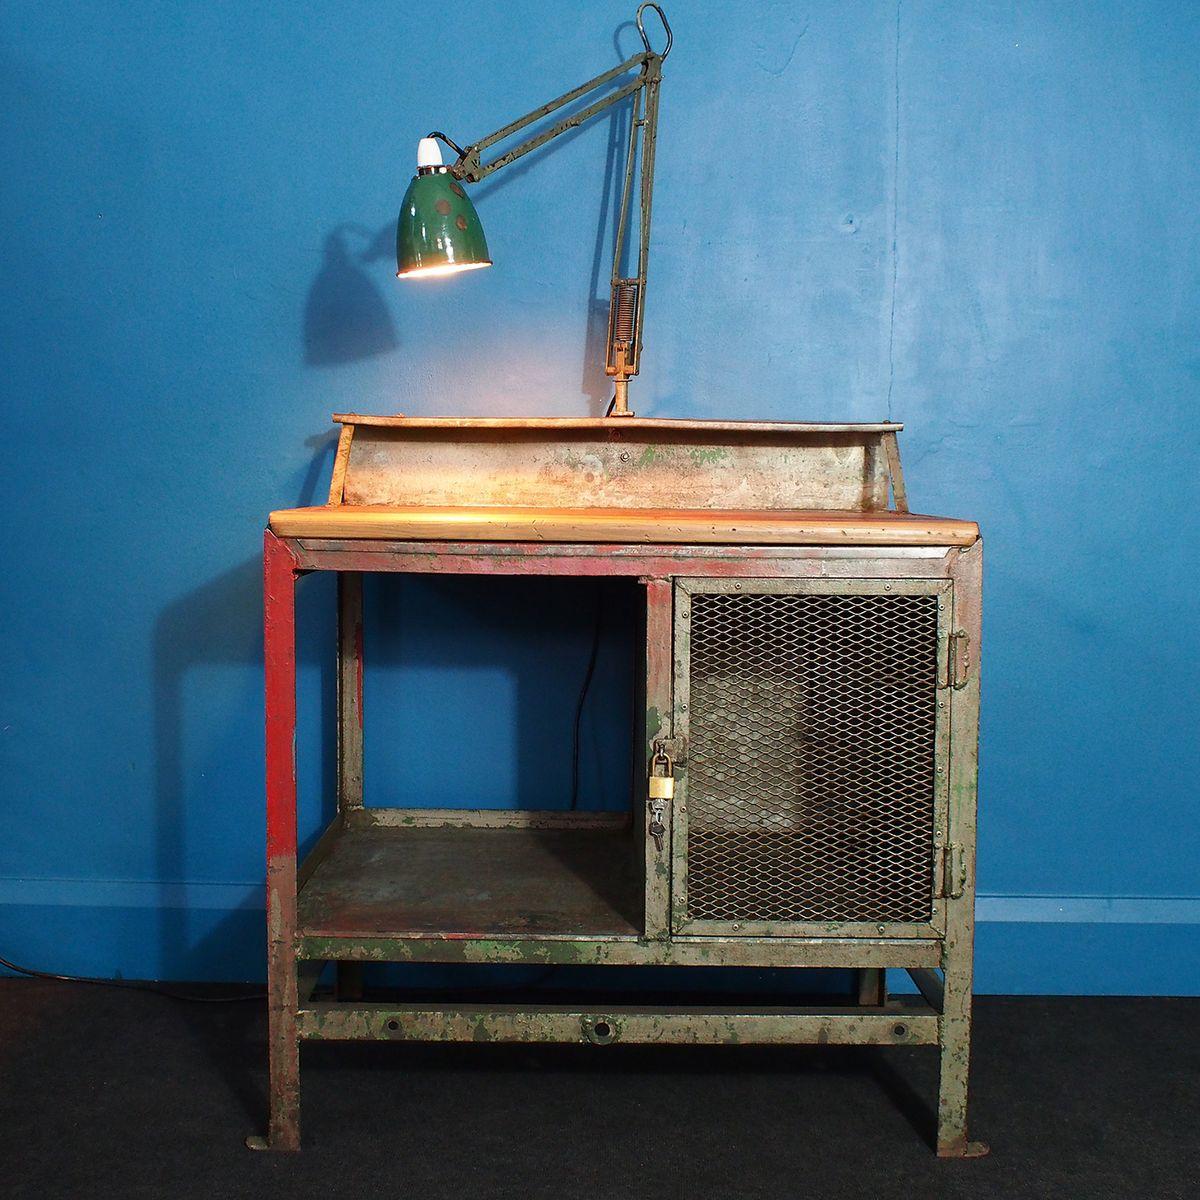 vintage industrie schreibtisch mit integrierter anglepoise lampe und hohem stuhl bei pamono kaufen. Black Bedroom Furniture Sets. Home Design Ideas